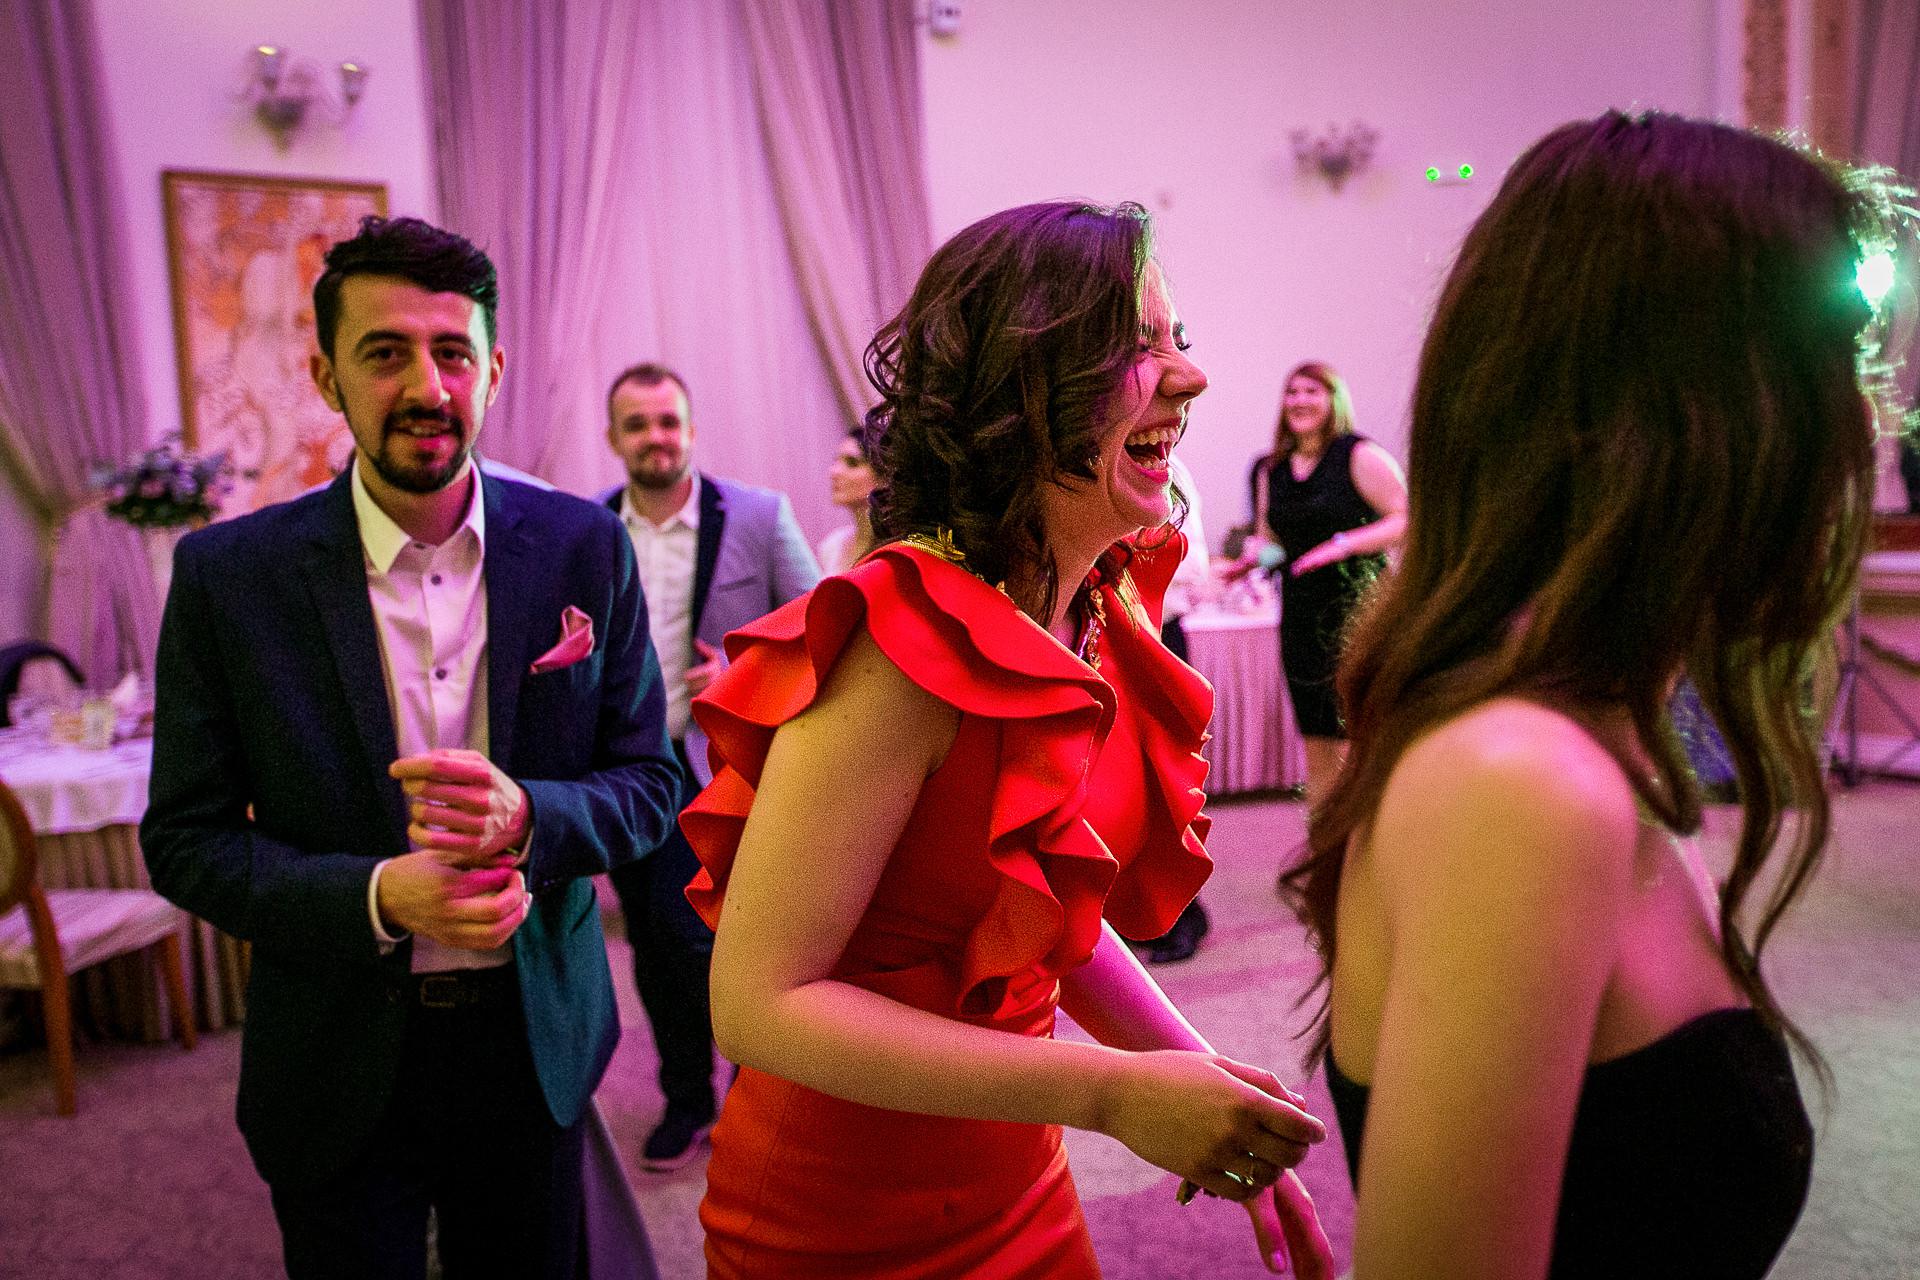 nuntă Salon Elisabeta - Elena şi Costin - Mihai Zaharia Photography - 089